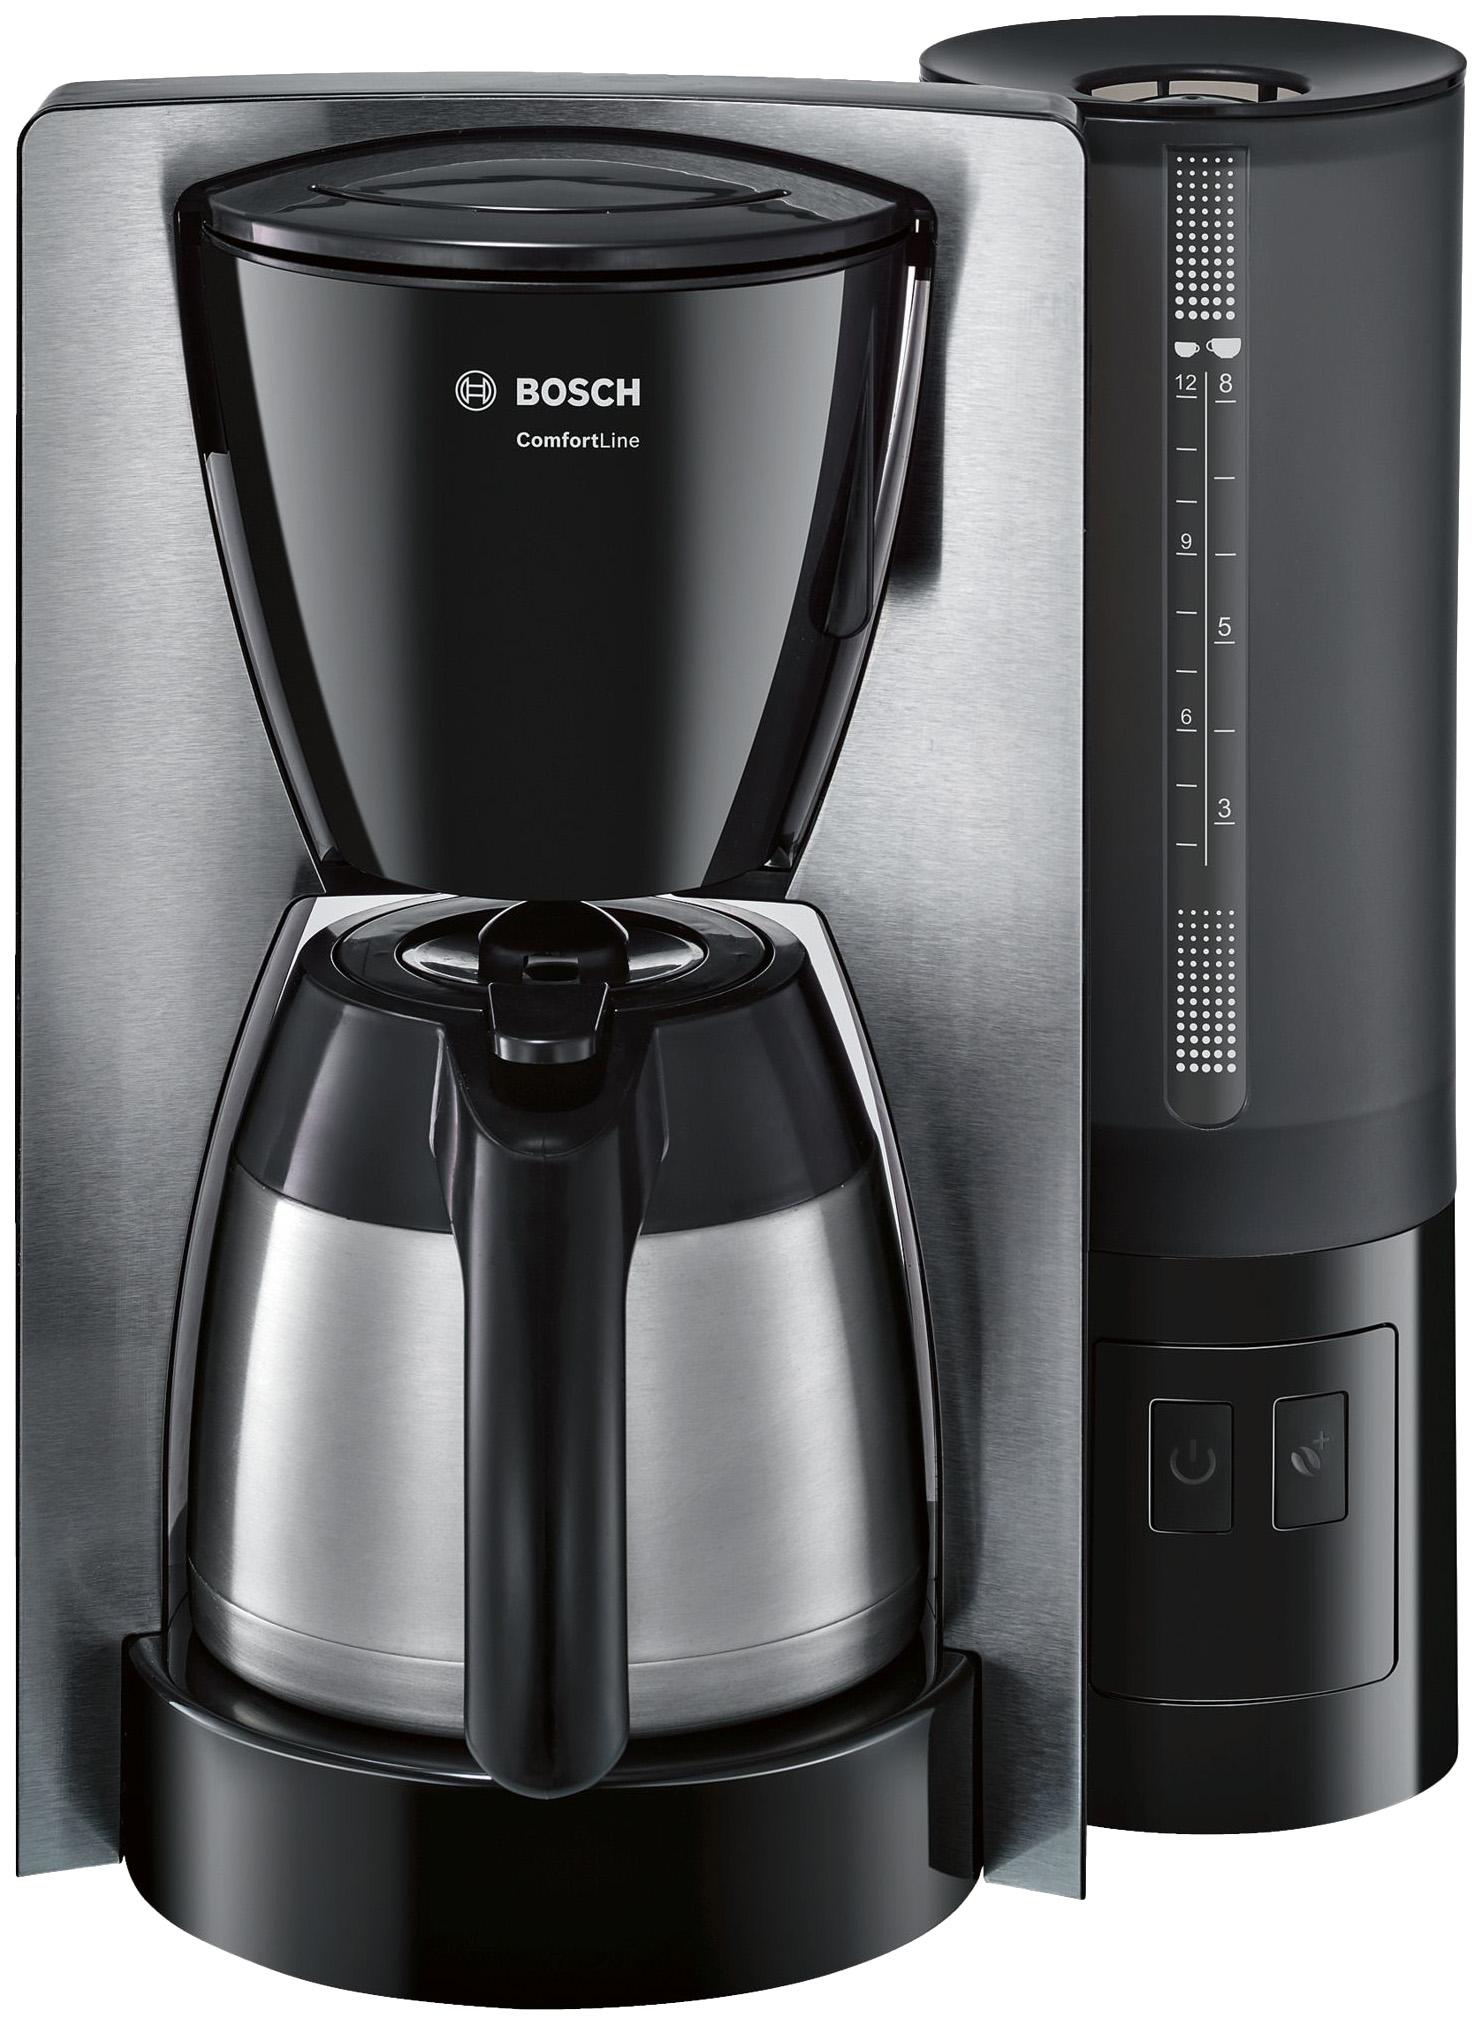 Кофеварка капельного типа Bosch ComfortLine TKA6A683 Black